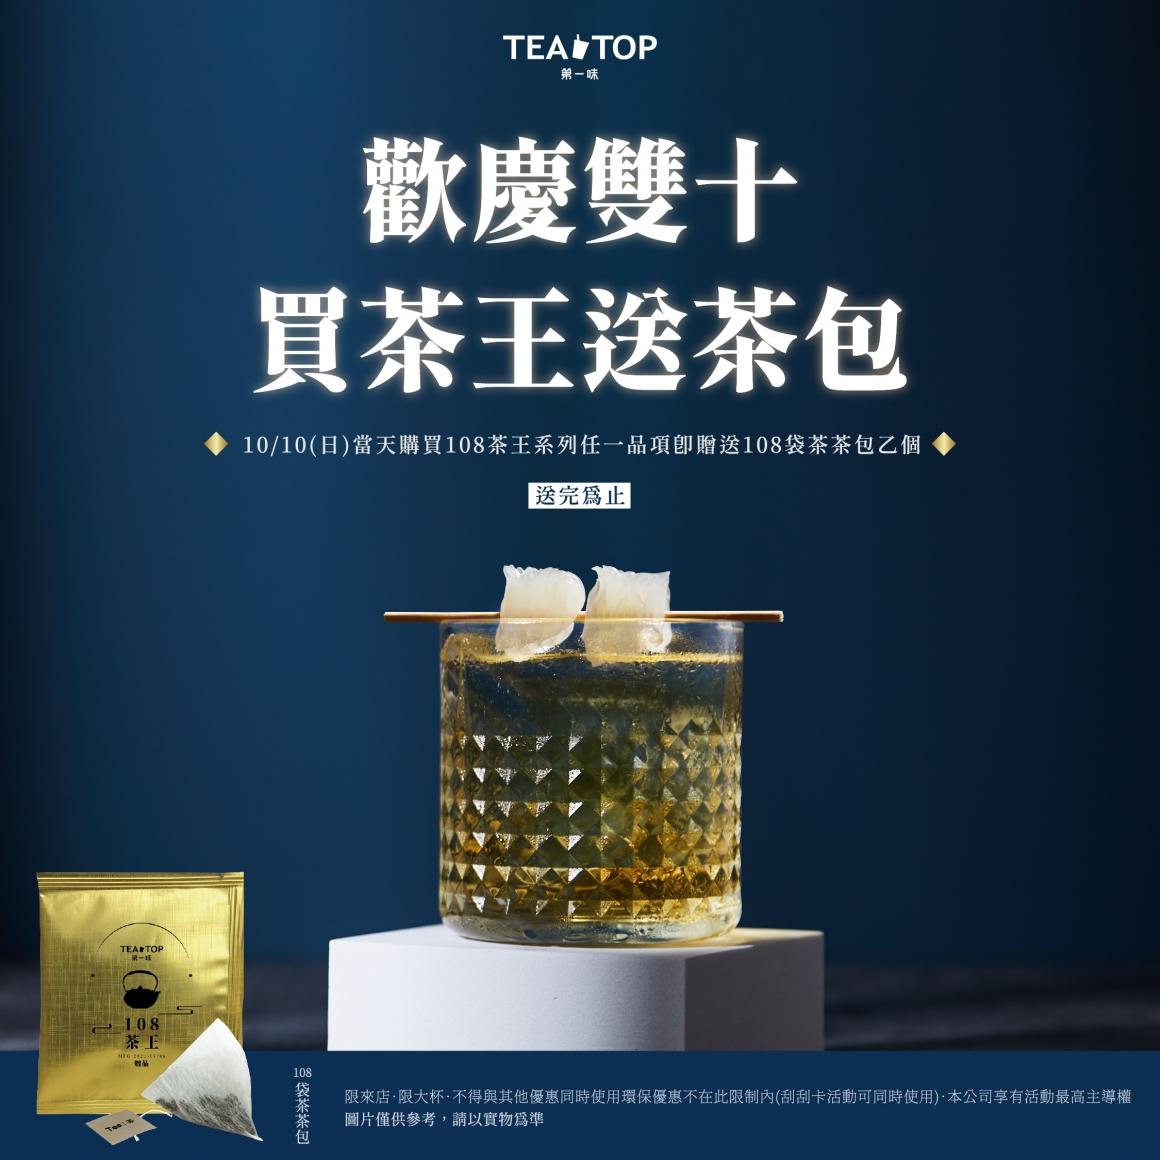 108茶王_雙十活動